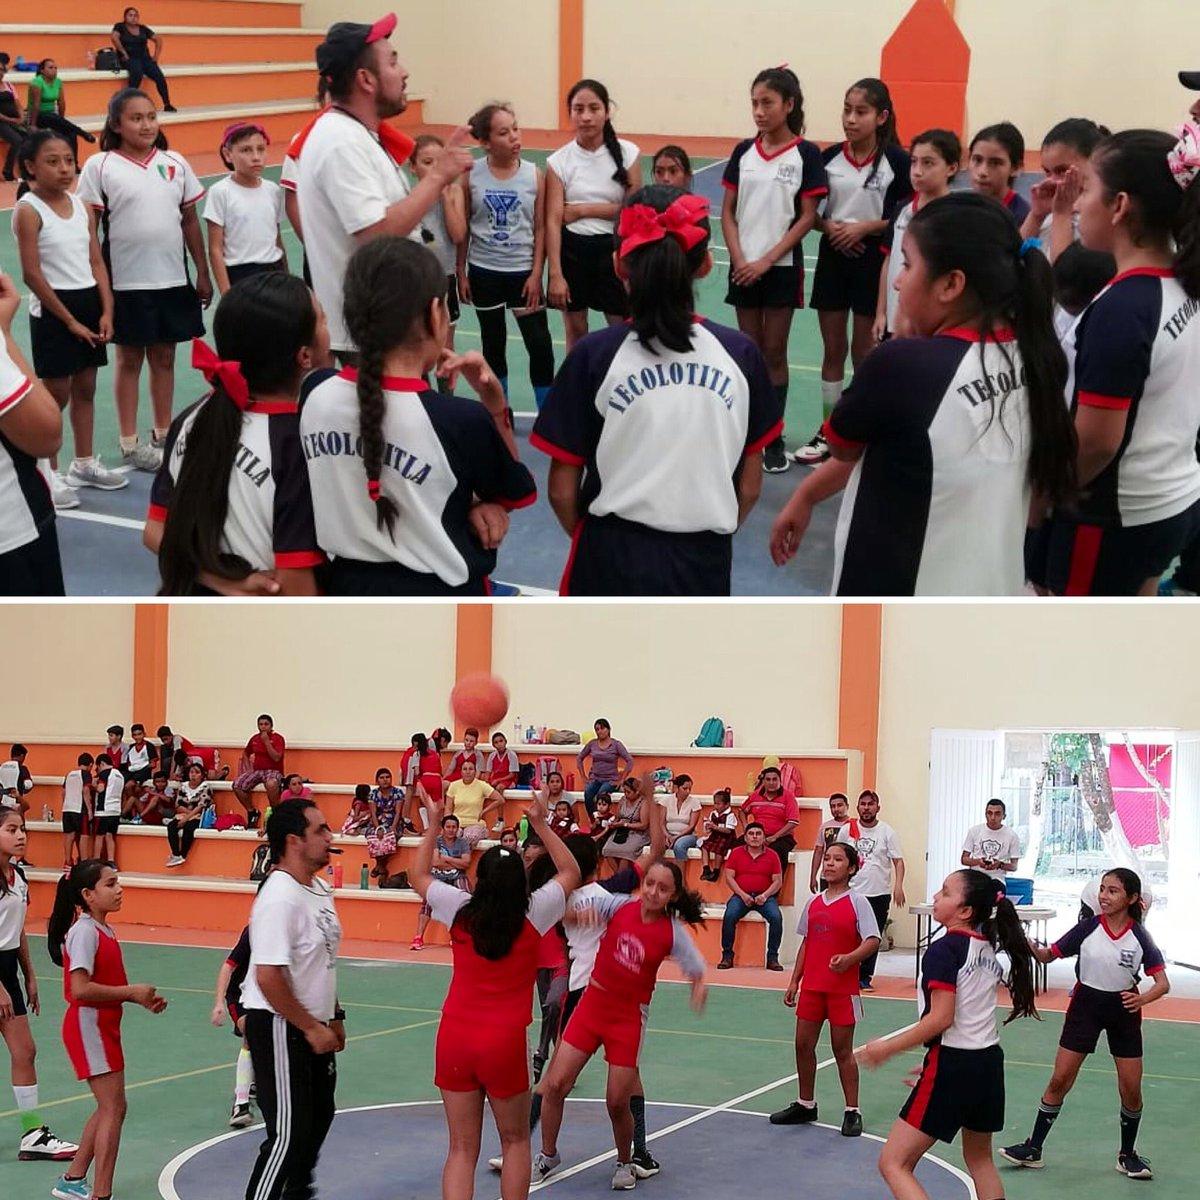 Con sede en Atlapexco, se realizan las finales de Básquetbol para los equipos de la Supervisión 14 Huejutla, rumbo a los Juegos Nacionales Escolares de #EducaciónBásica @SEPHidalgo